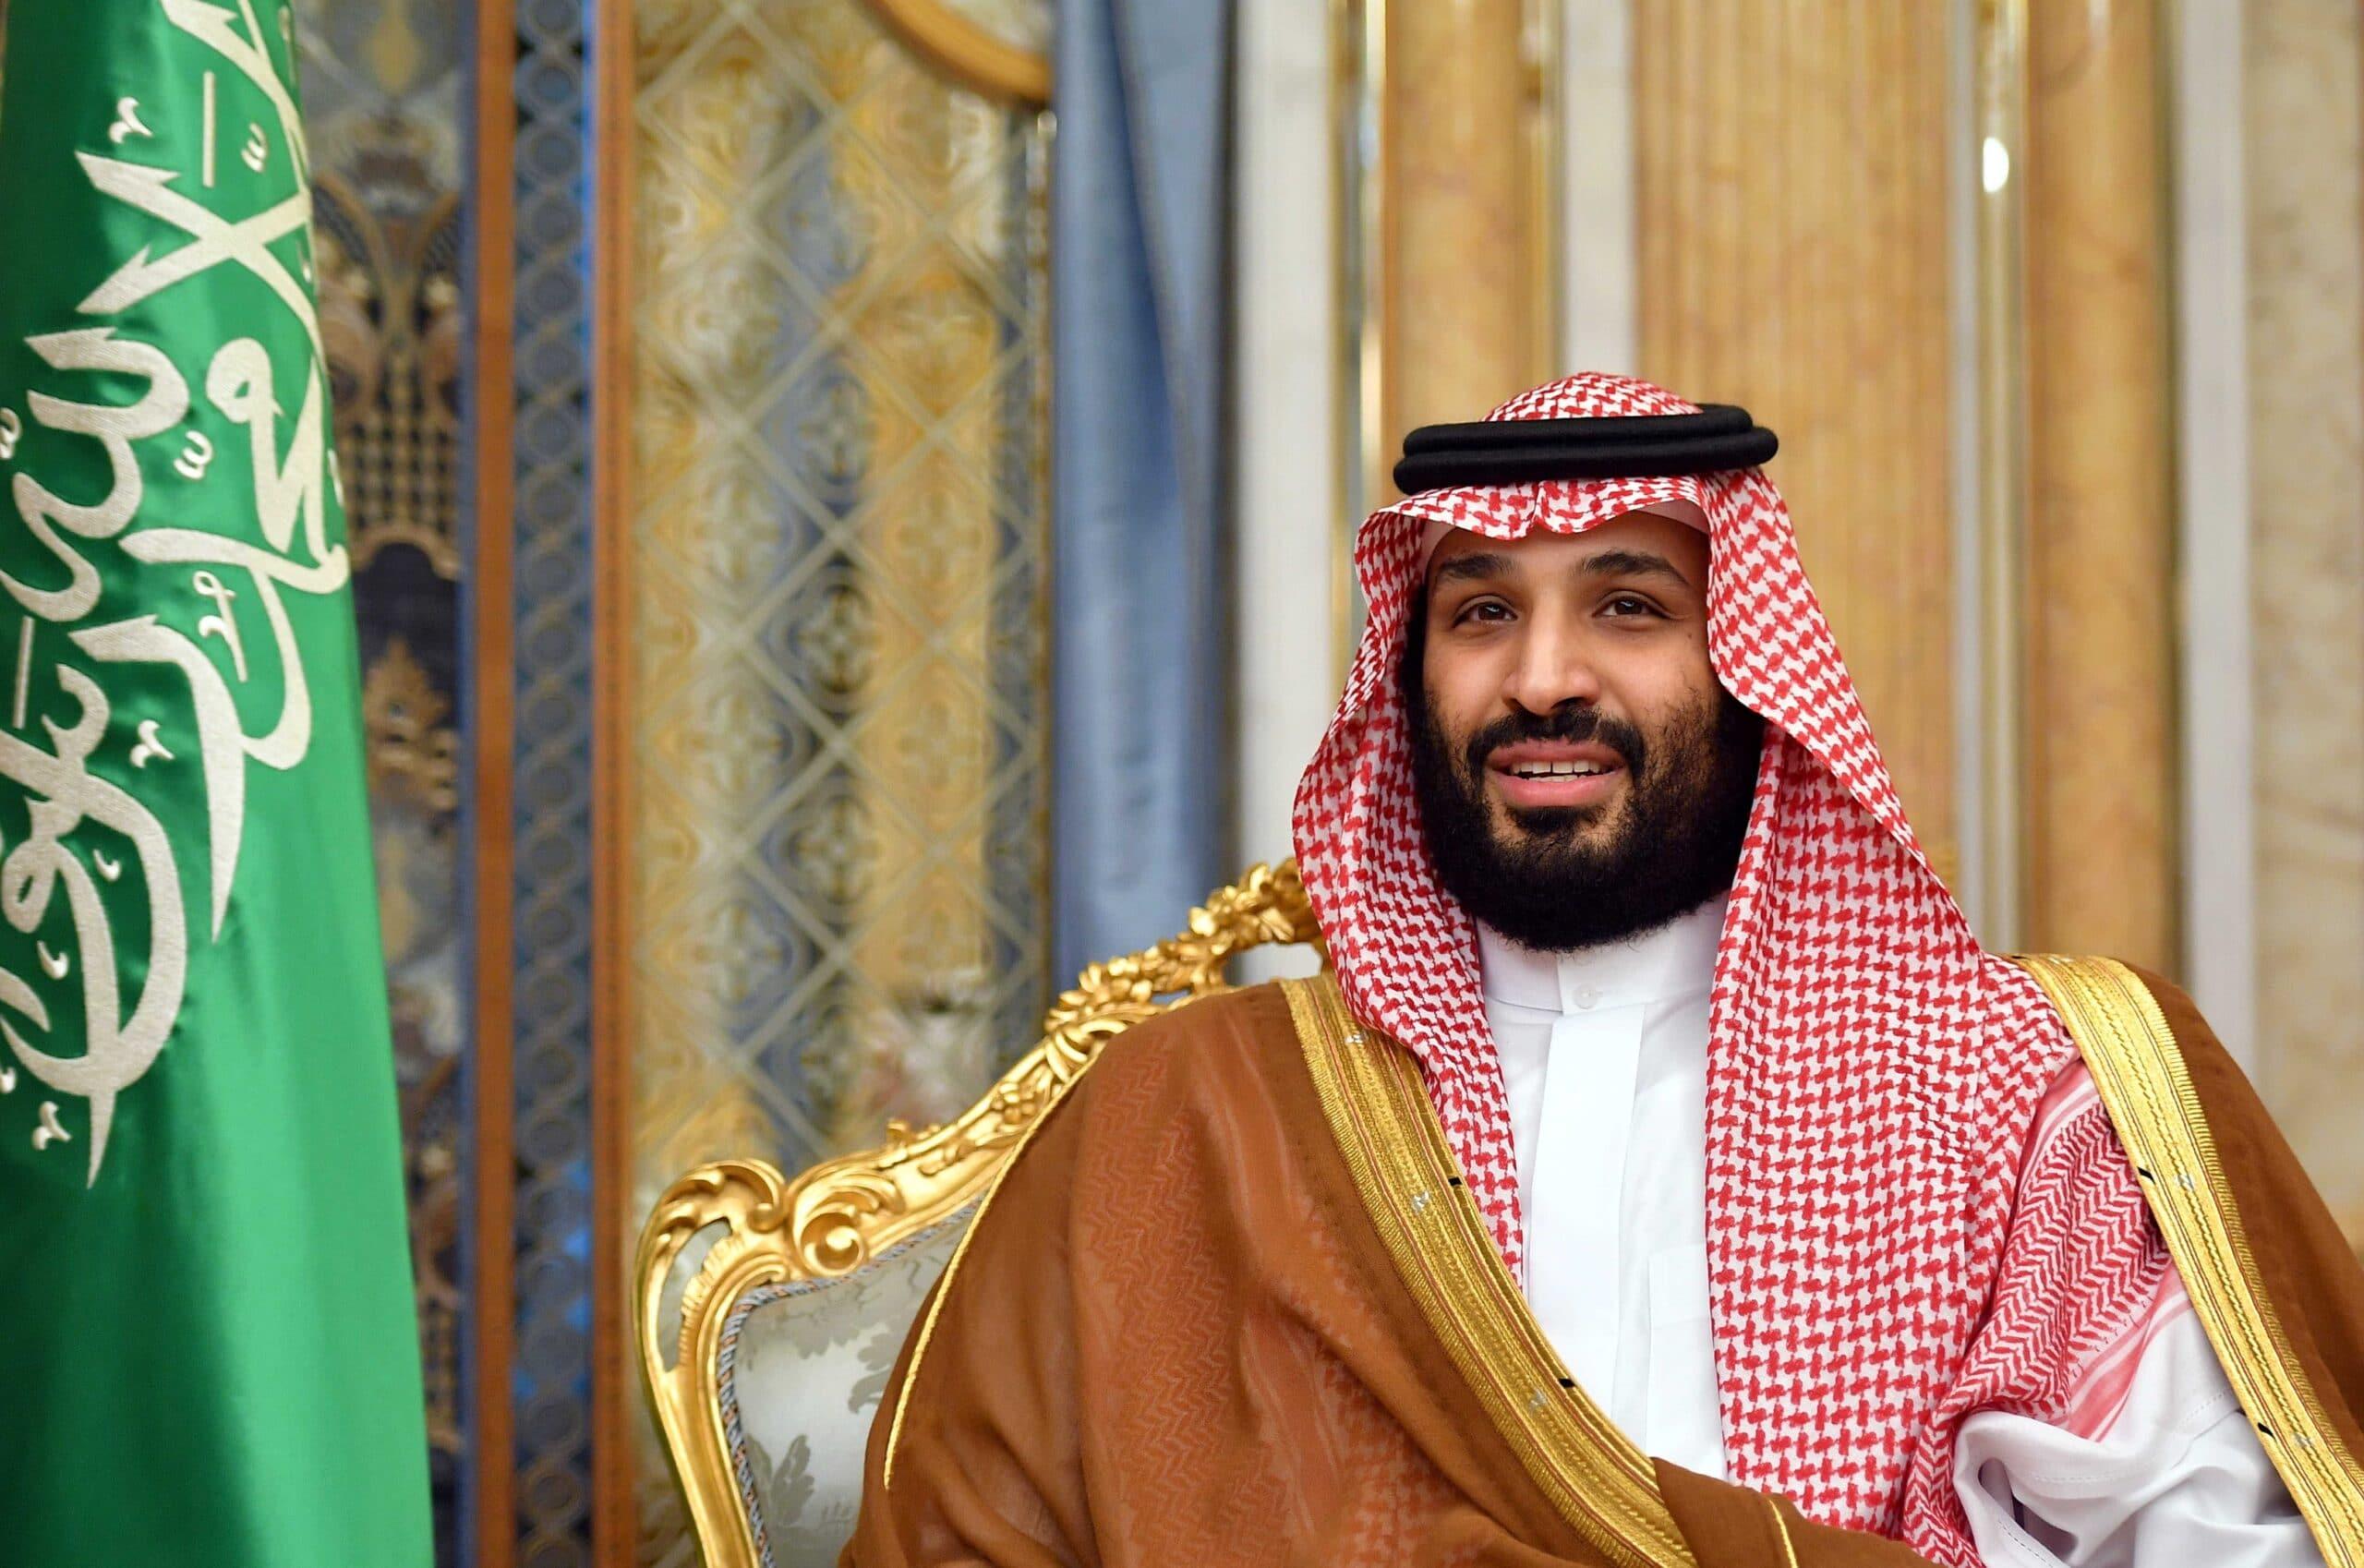 منصة رقمية اخبارية في أمريكا تمولها السعودية